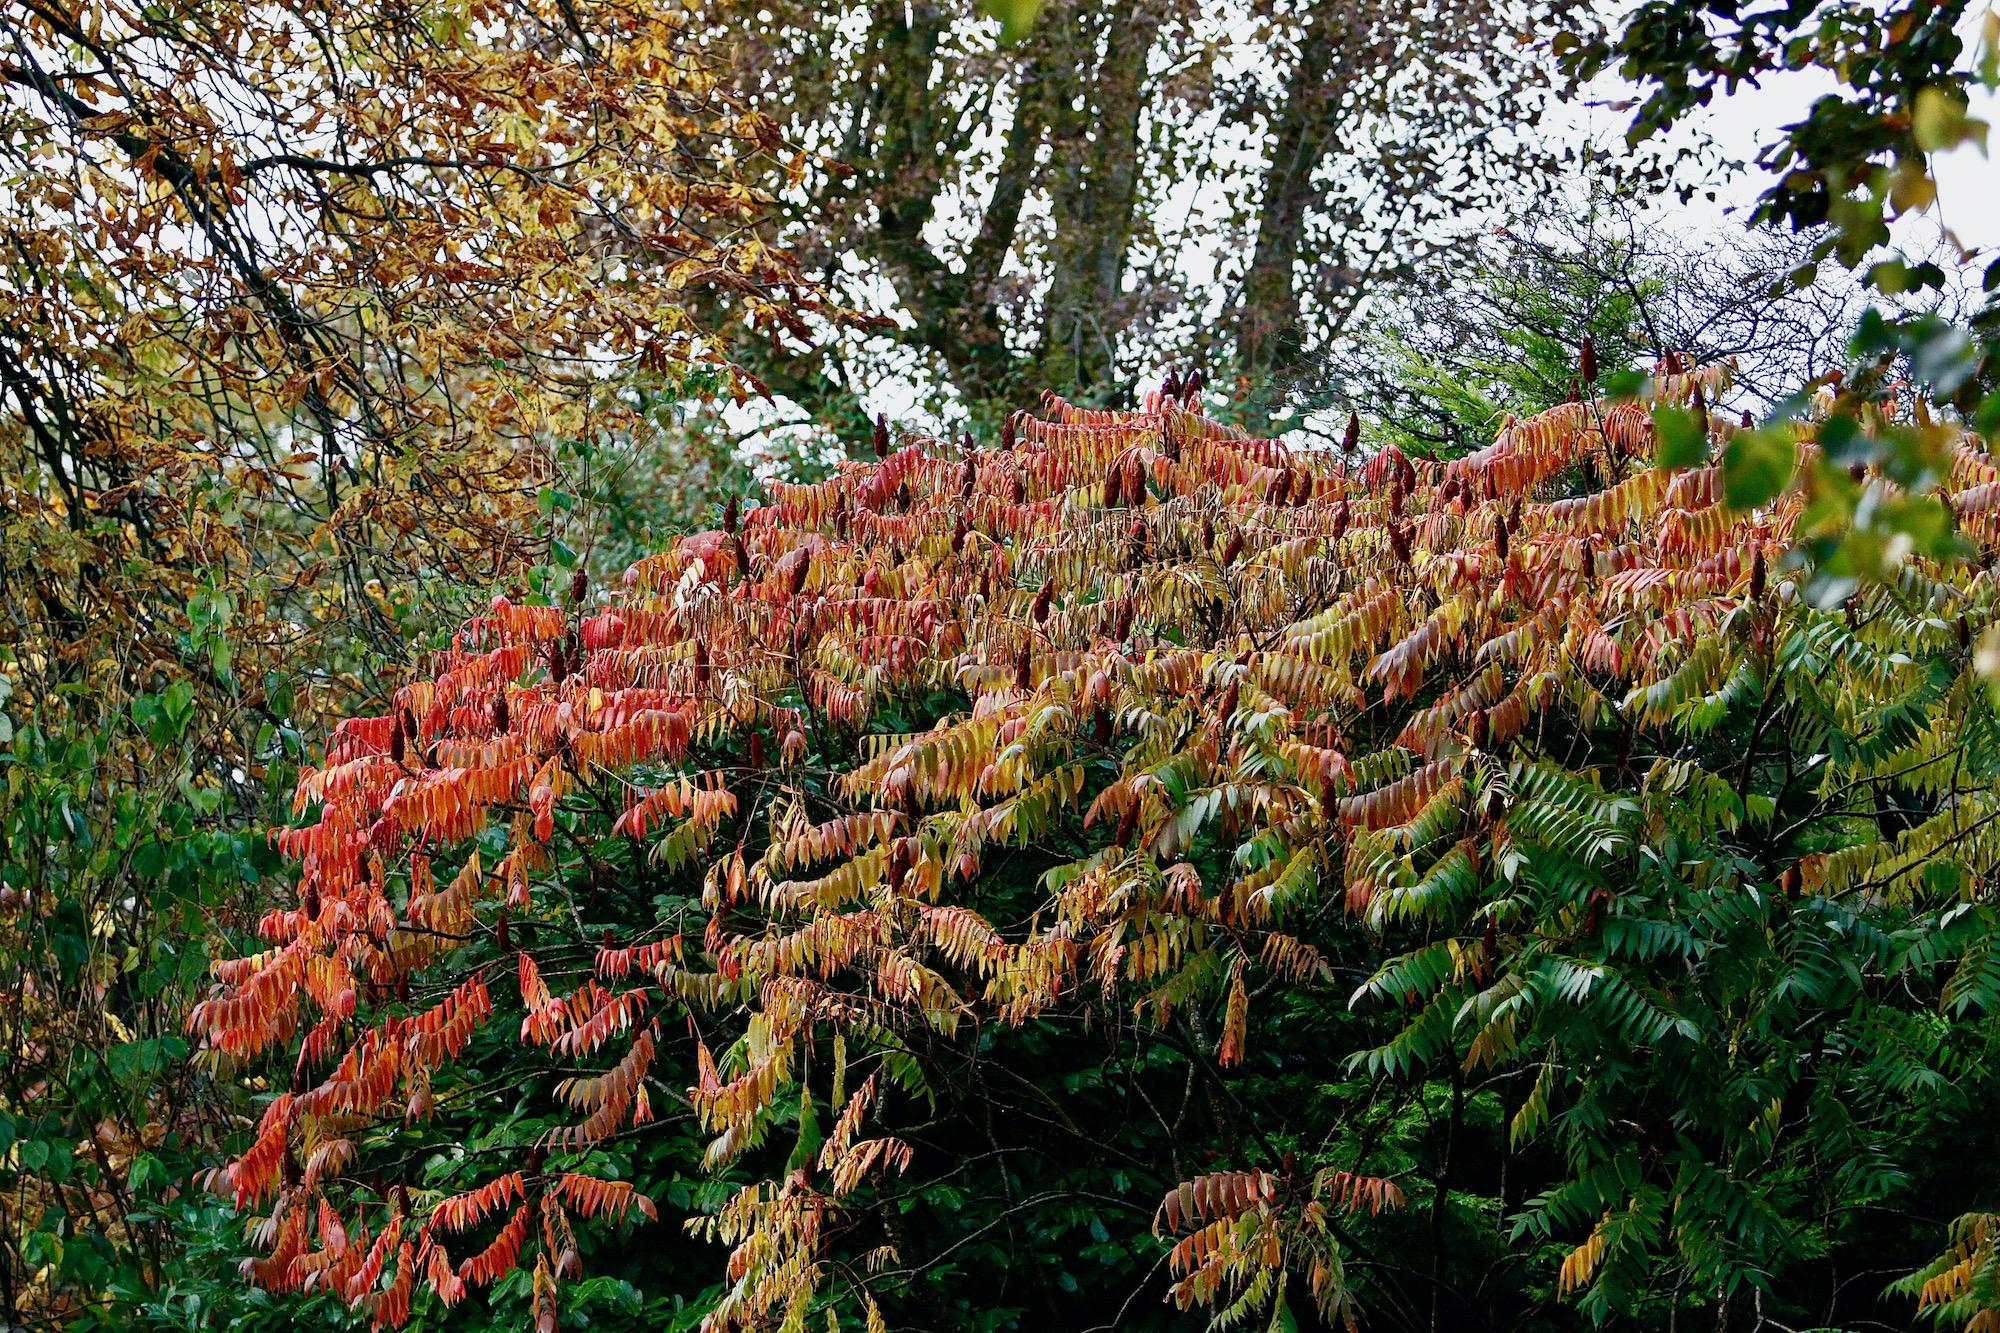 herfstkleuren-torenln-pastorie - 1